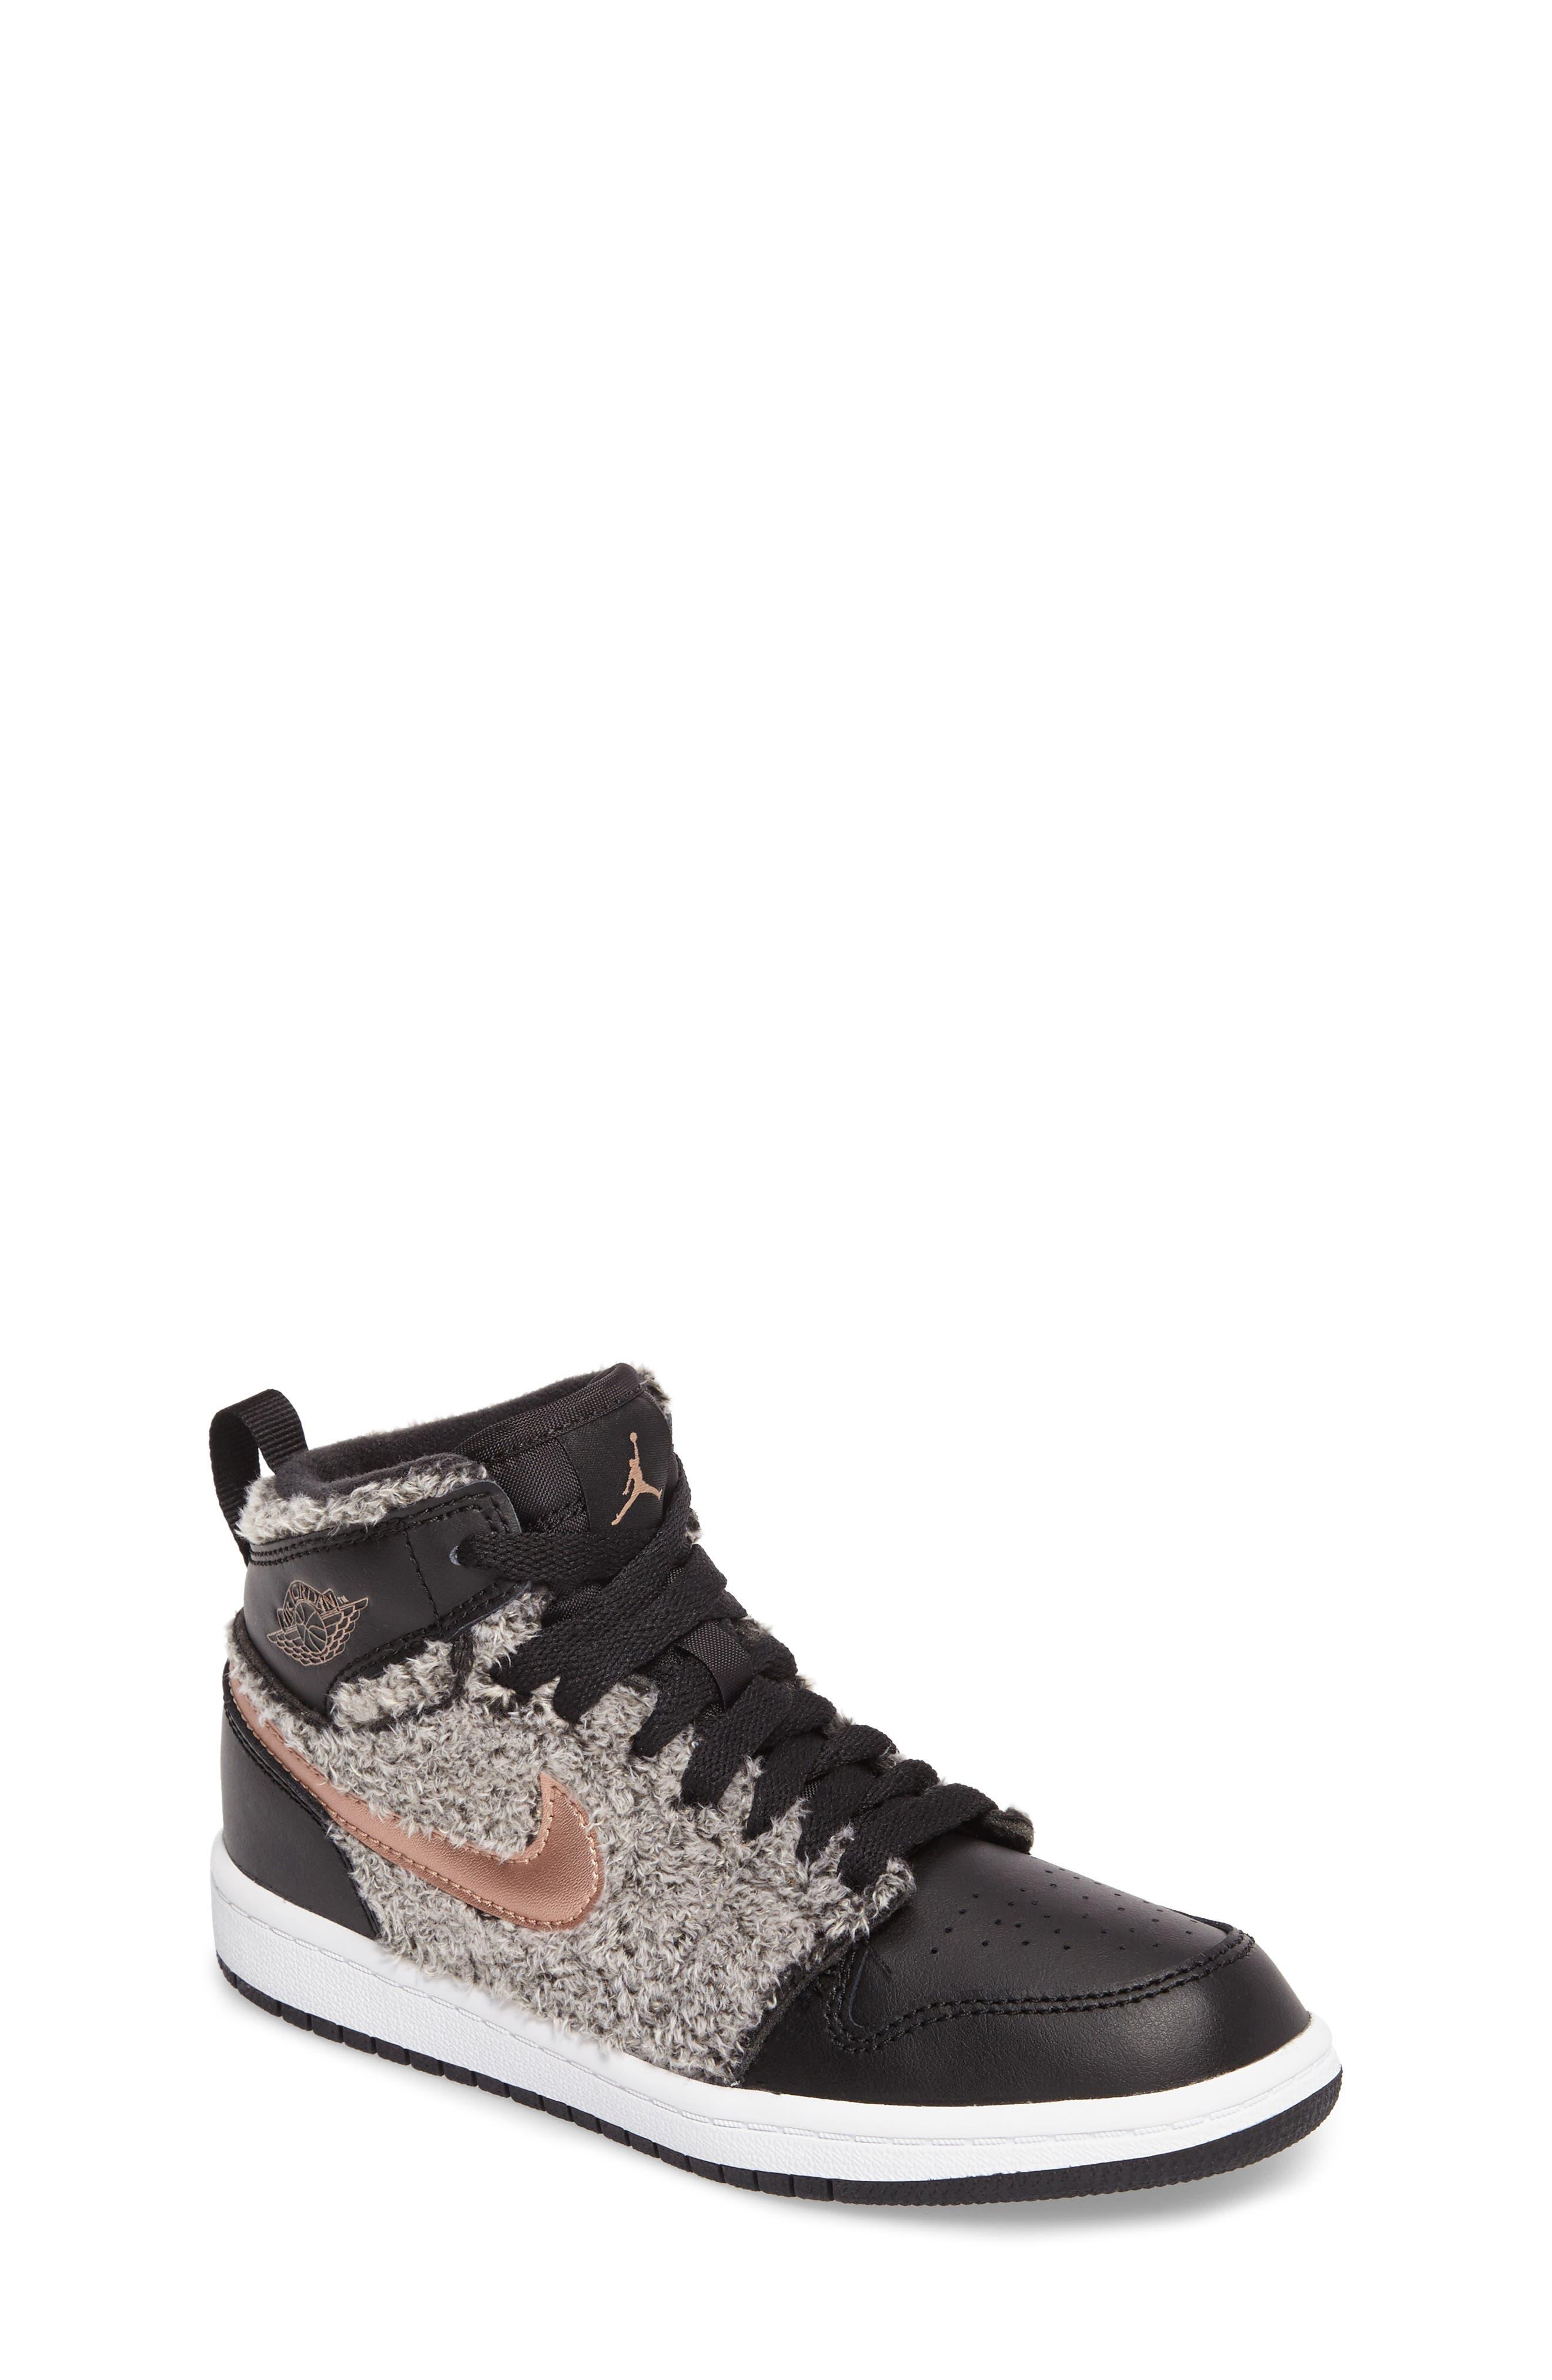 Alternate Image 1 Selected - Nike Air Jordan 1 Retro Faux Fur High Top Sneaker (Toddler, Little Kid & Big Kid)